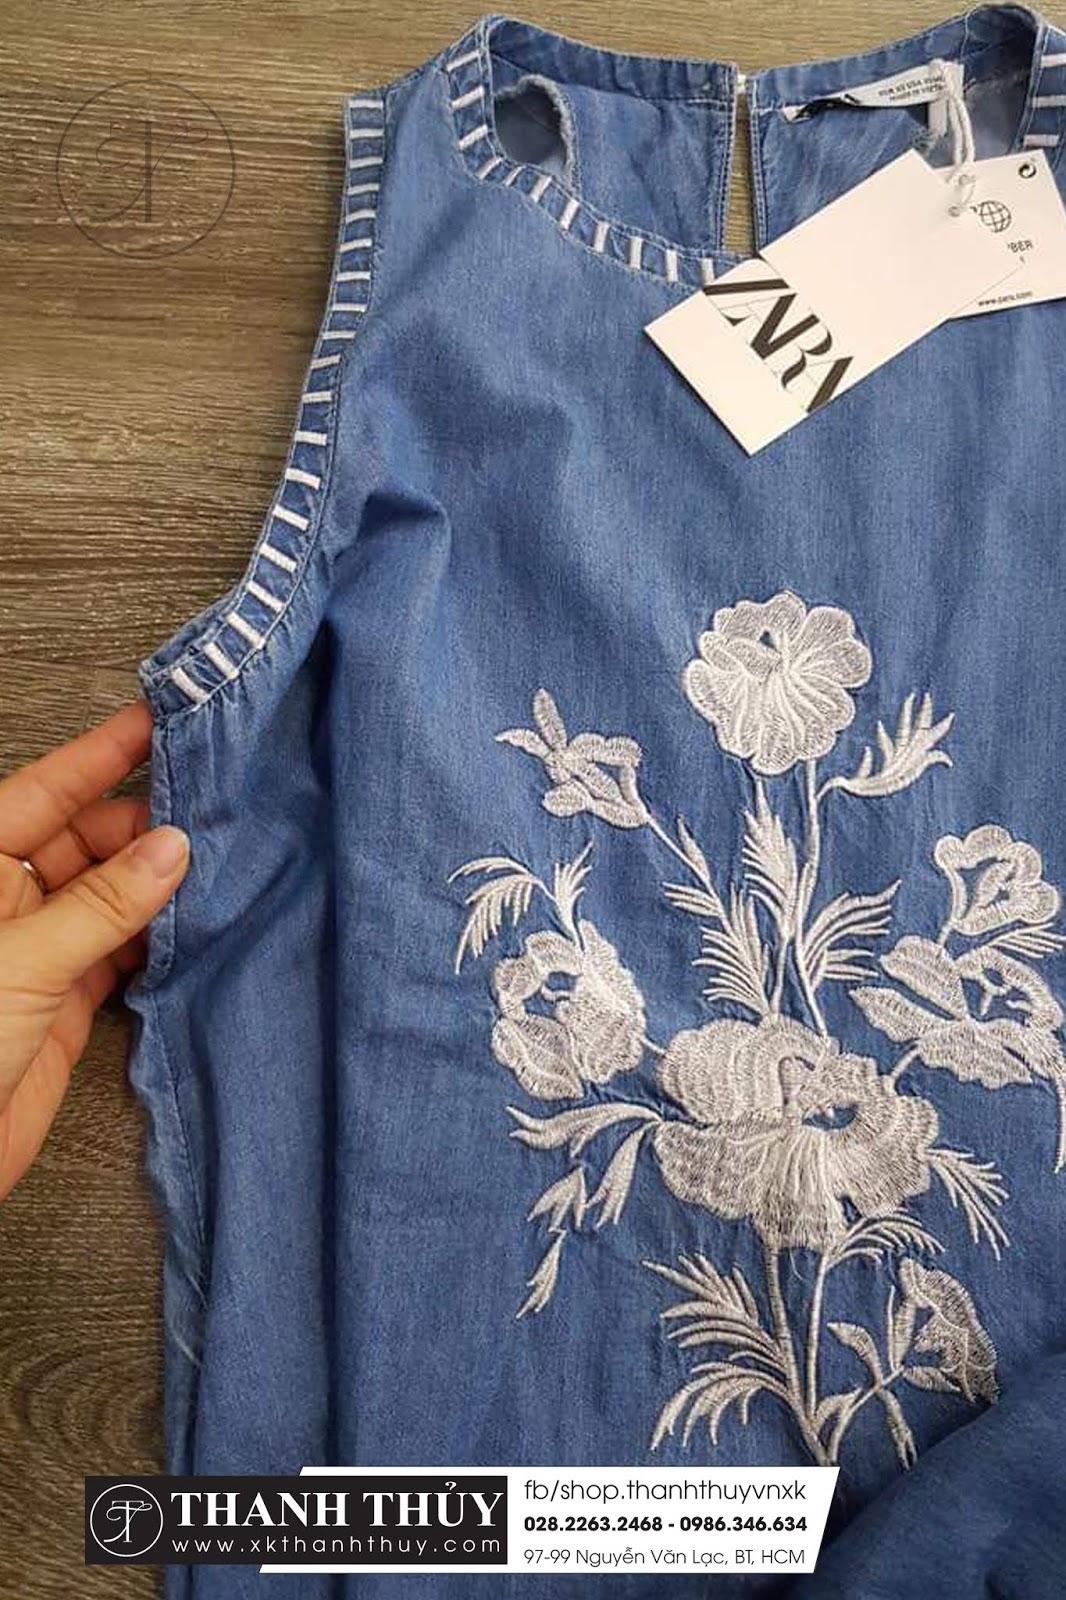 Đầm Zara Denim thiêu chỉ nổi phong cách